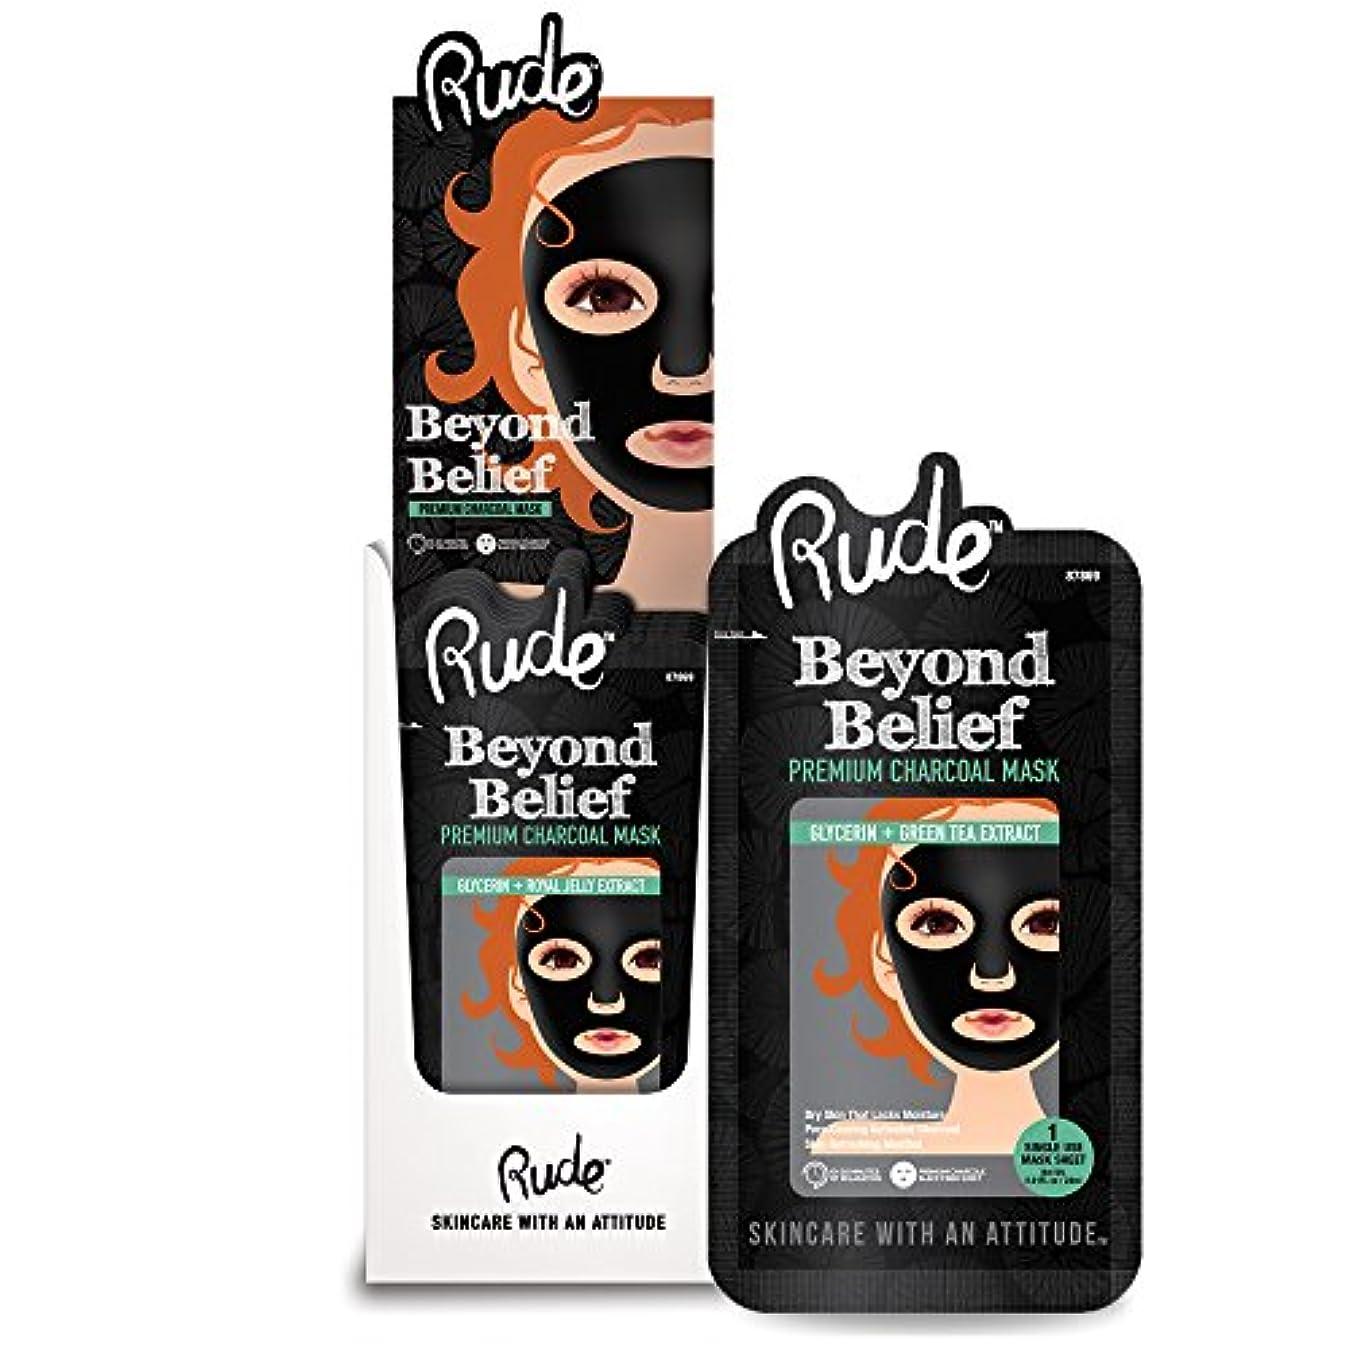 耐えられるベテランおばあさんRUDE Beyond Belief Purifying Charcoal Mask Display Set, 36 Pieces (並行輸入品)